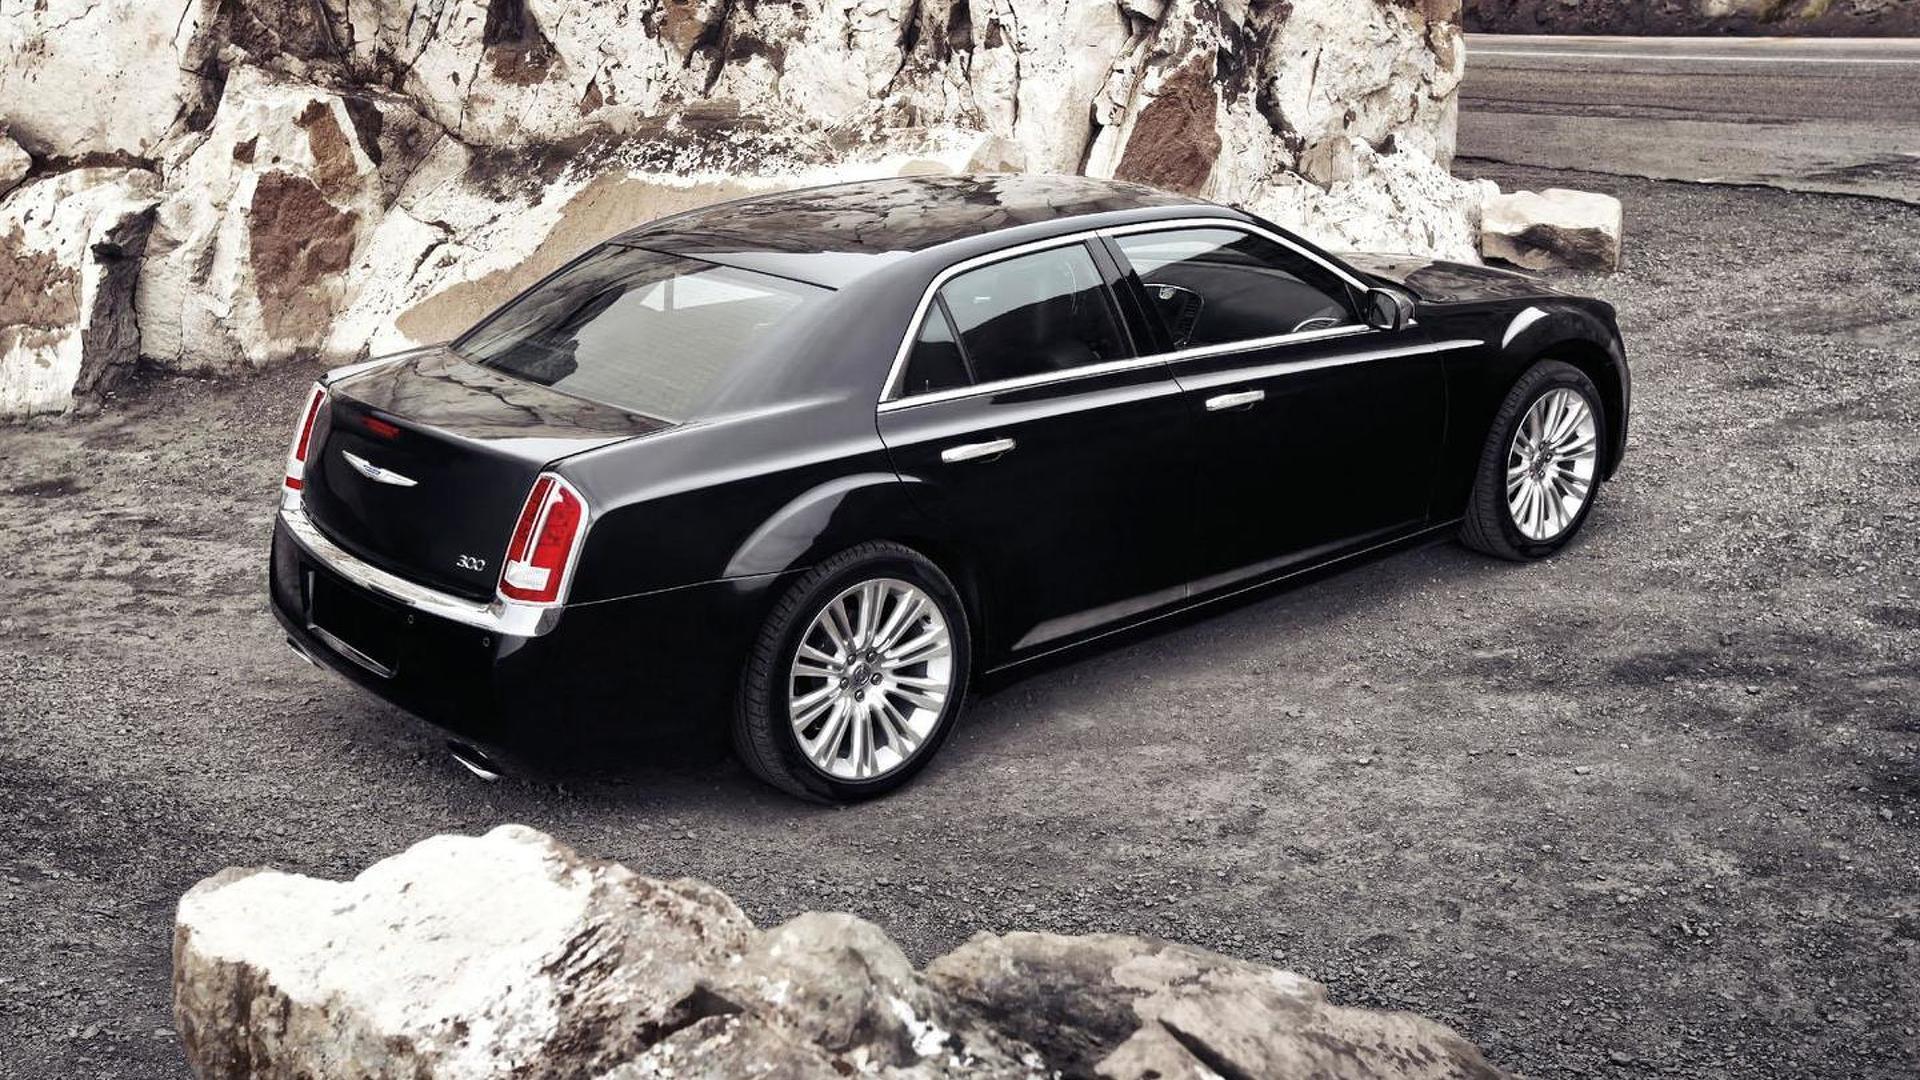 2013 Chrysler 300 Hybrid confirmed